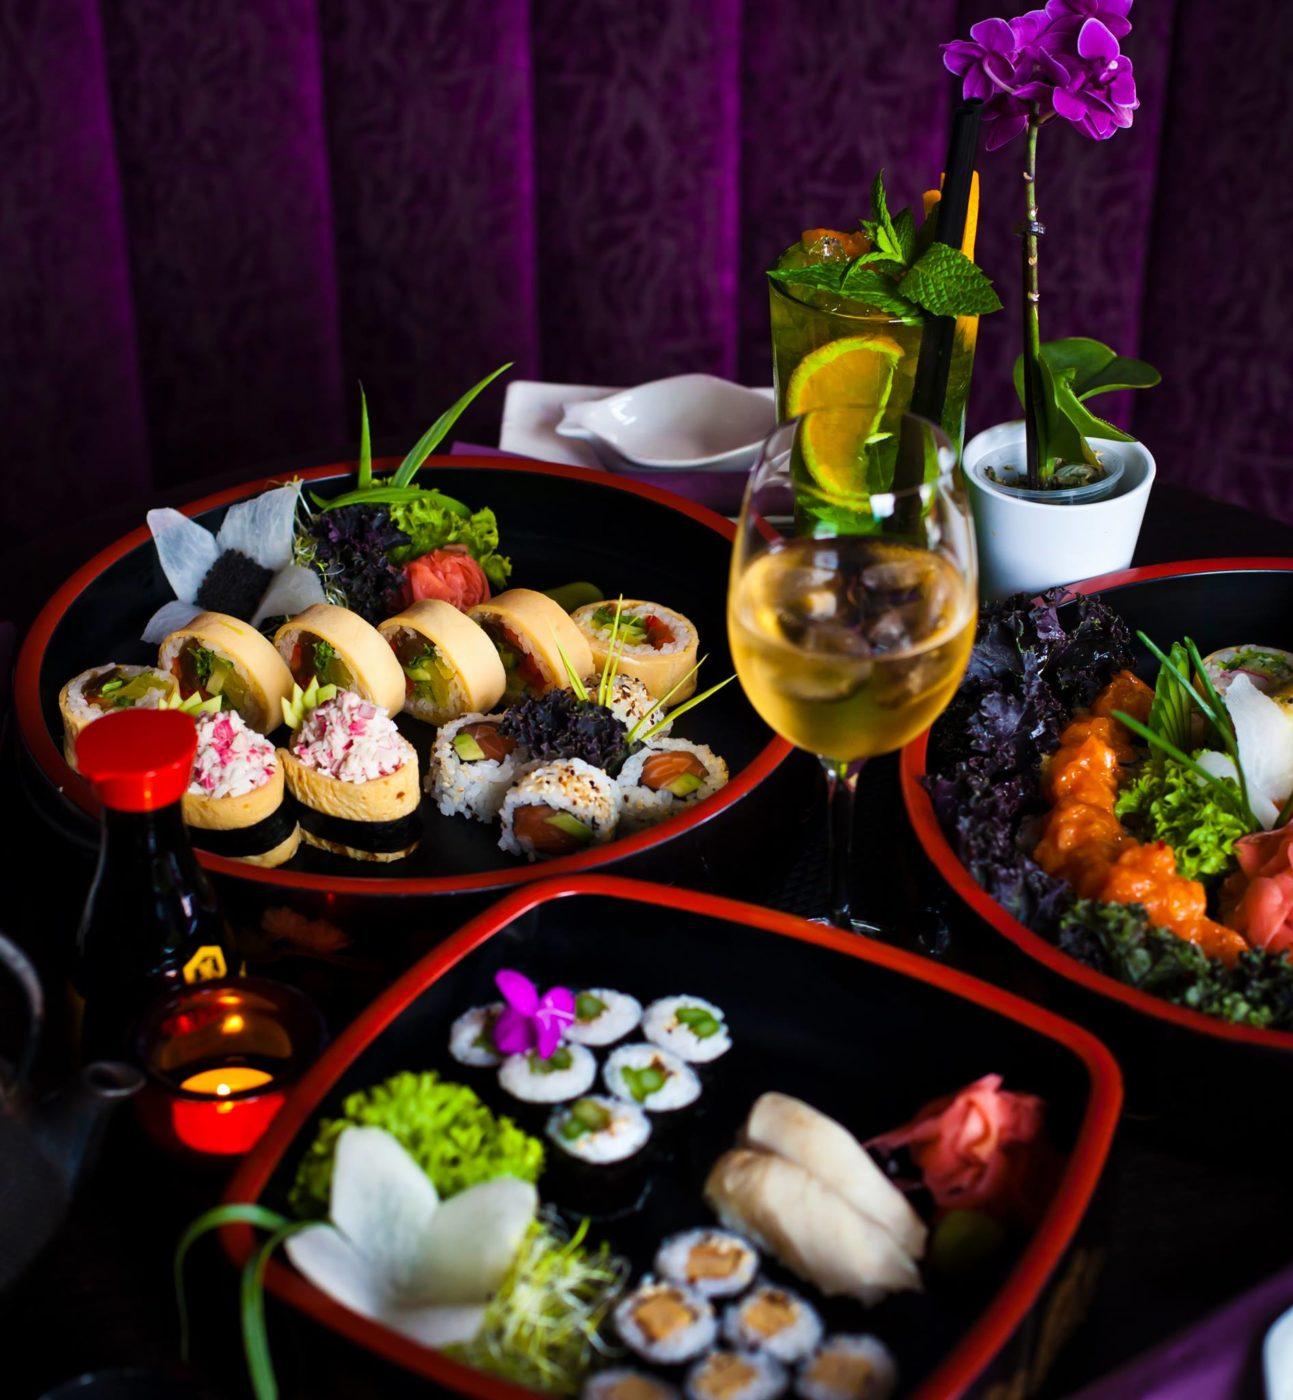 Sushi rozłożone na kilku talerzach, w tle fioletowa zasłona